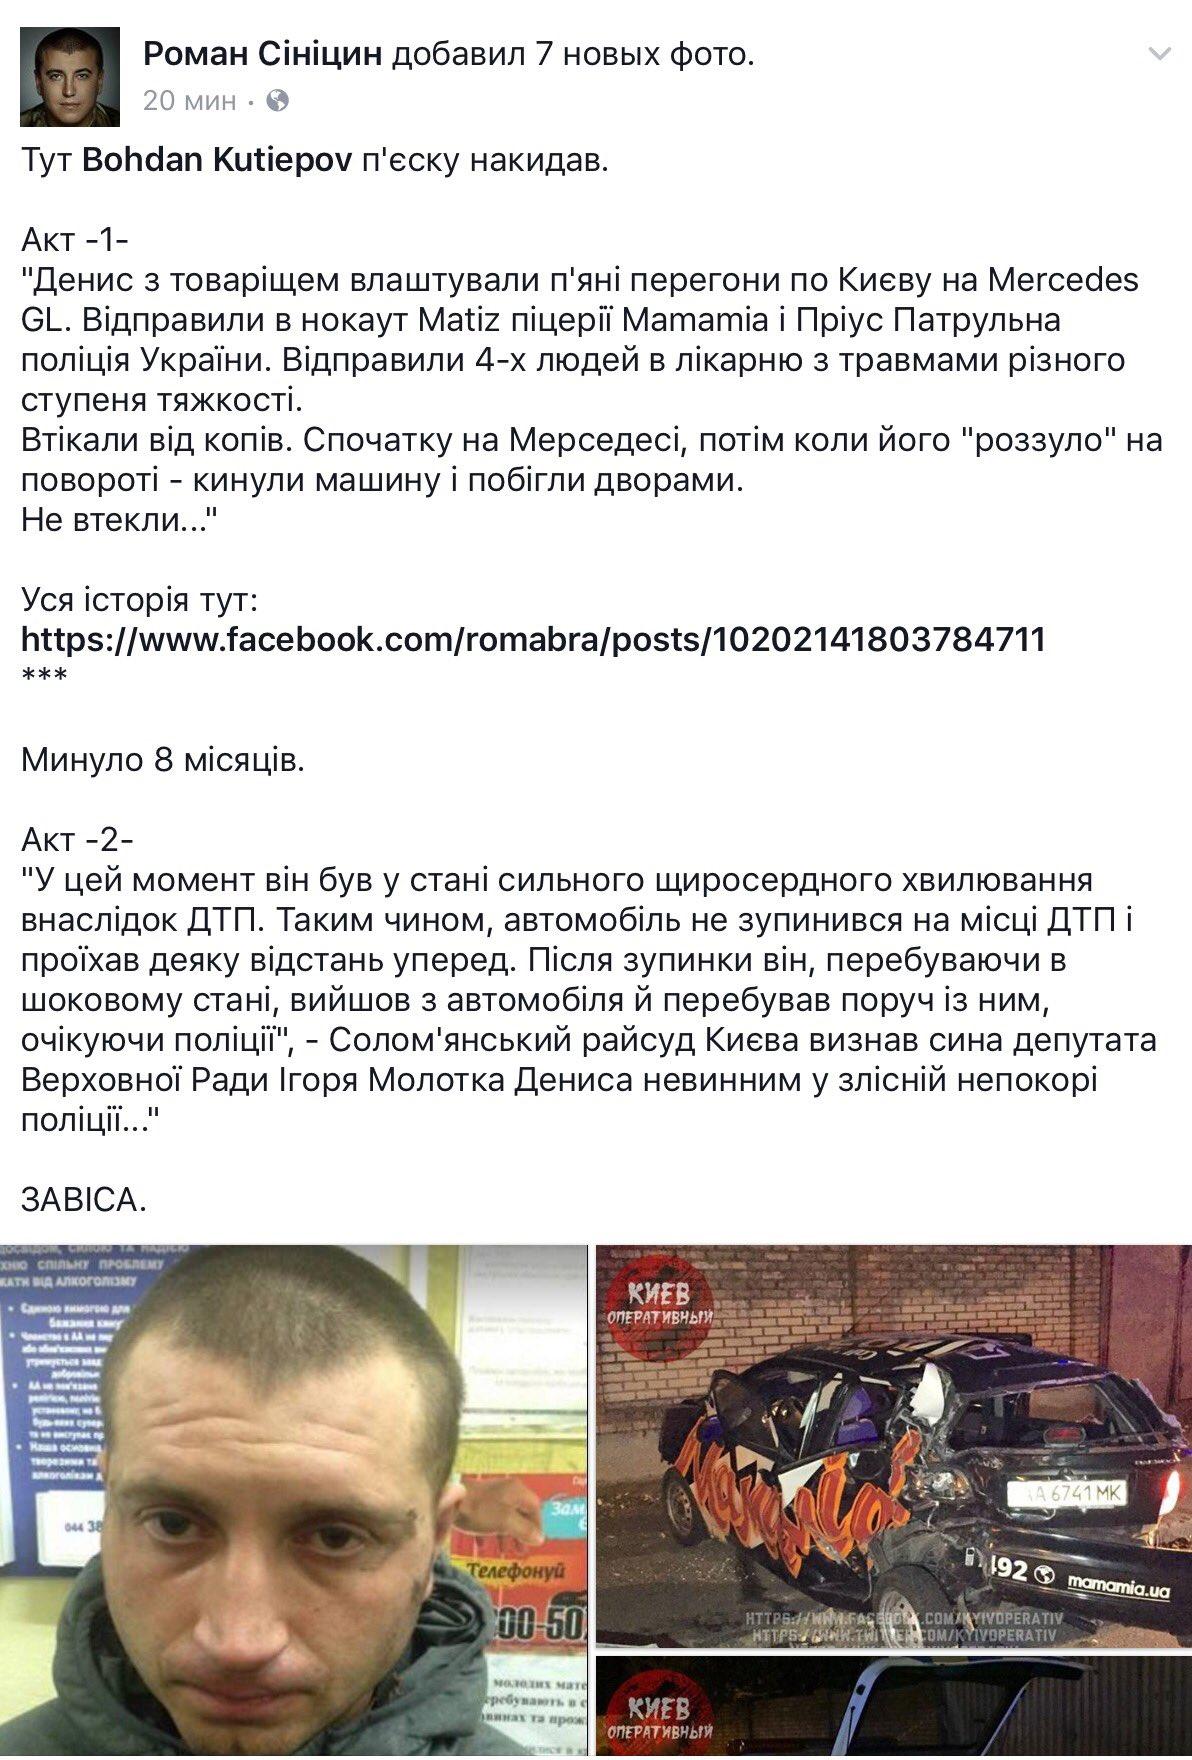 Гражданина Украины в Польше обвиняют в совершении смертельного ДТП в пьяном виде - Цензор.НЕТ 543